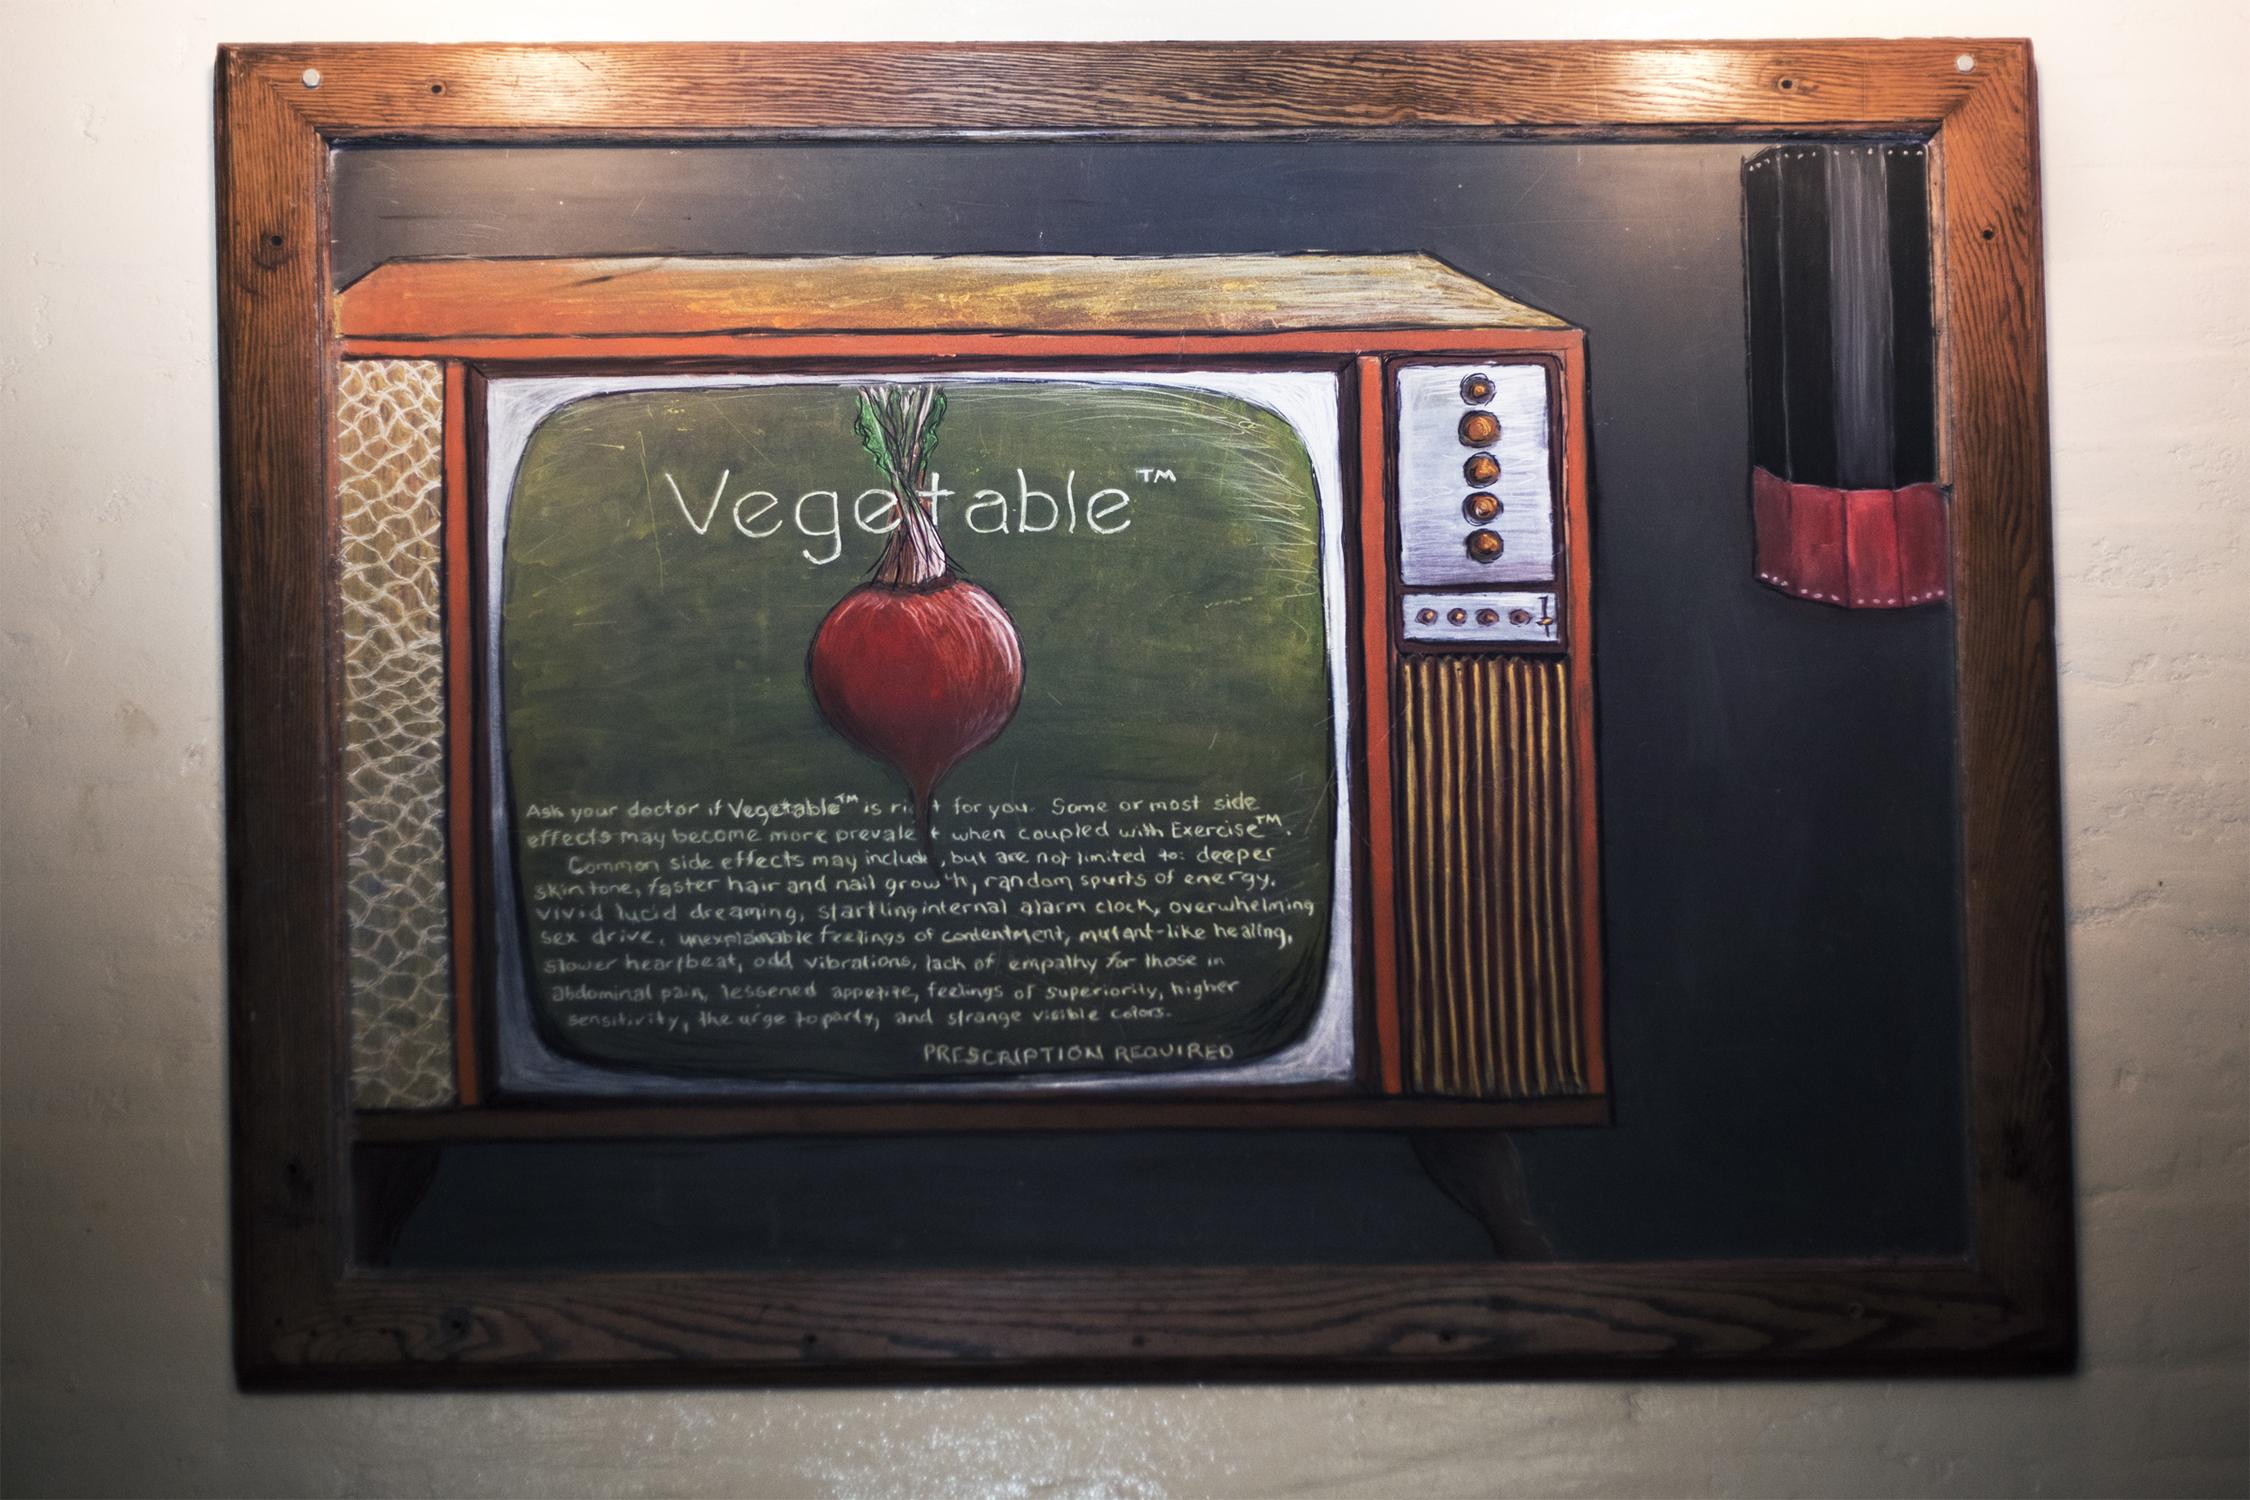 VegetableTM01s.jpg